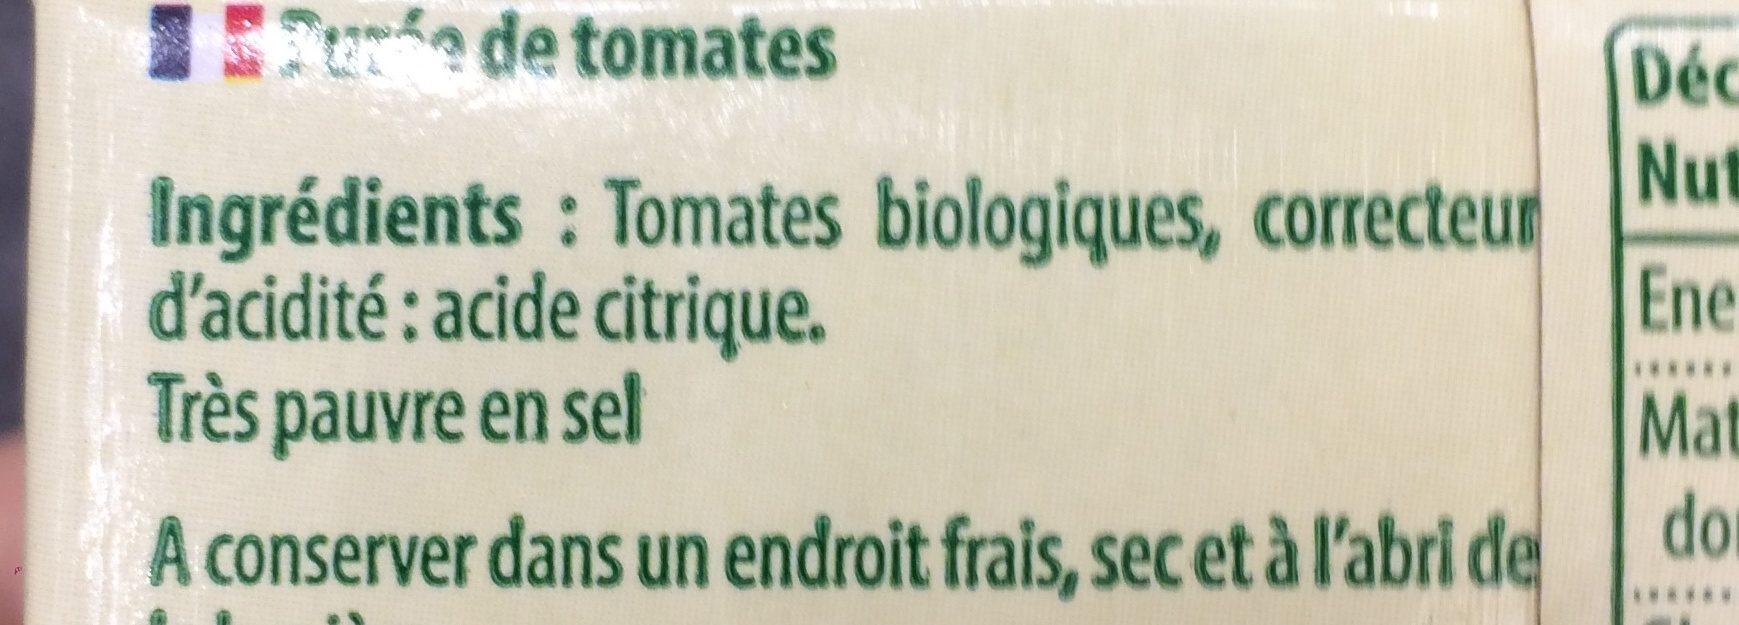 Passata nature - Ingrédients - fr